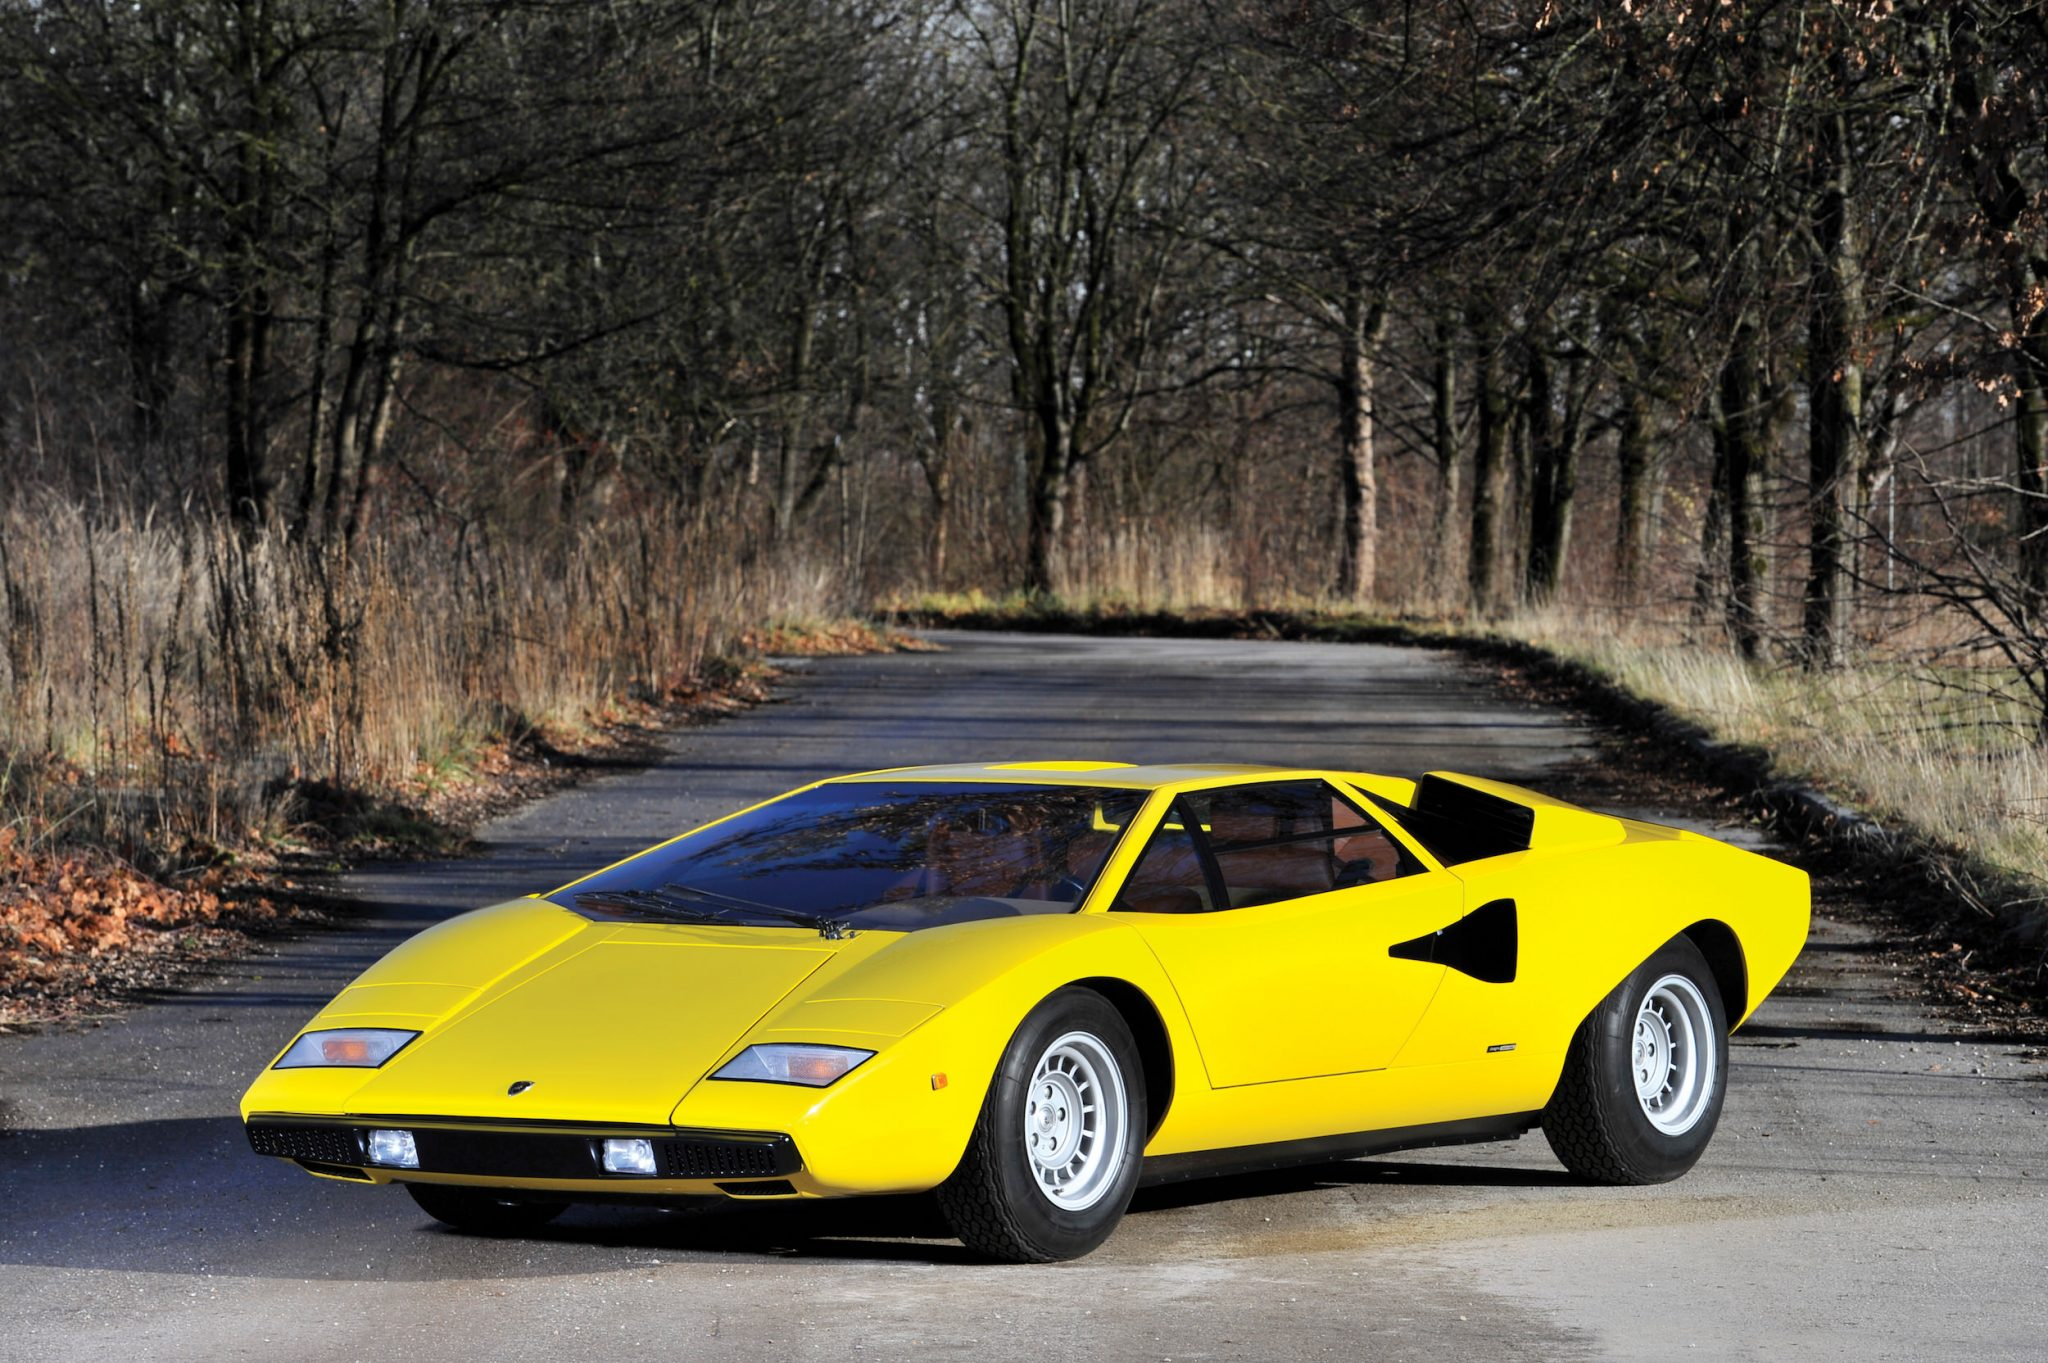 1975 Lamborghini Countach Lp400 Periscopio